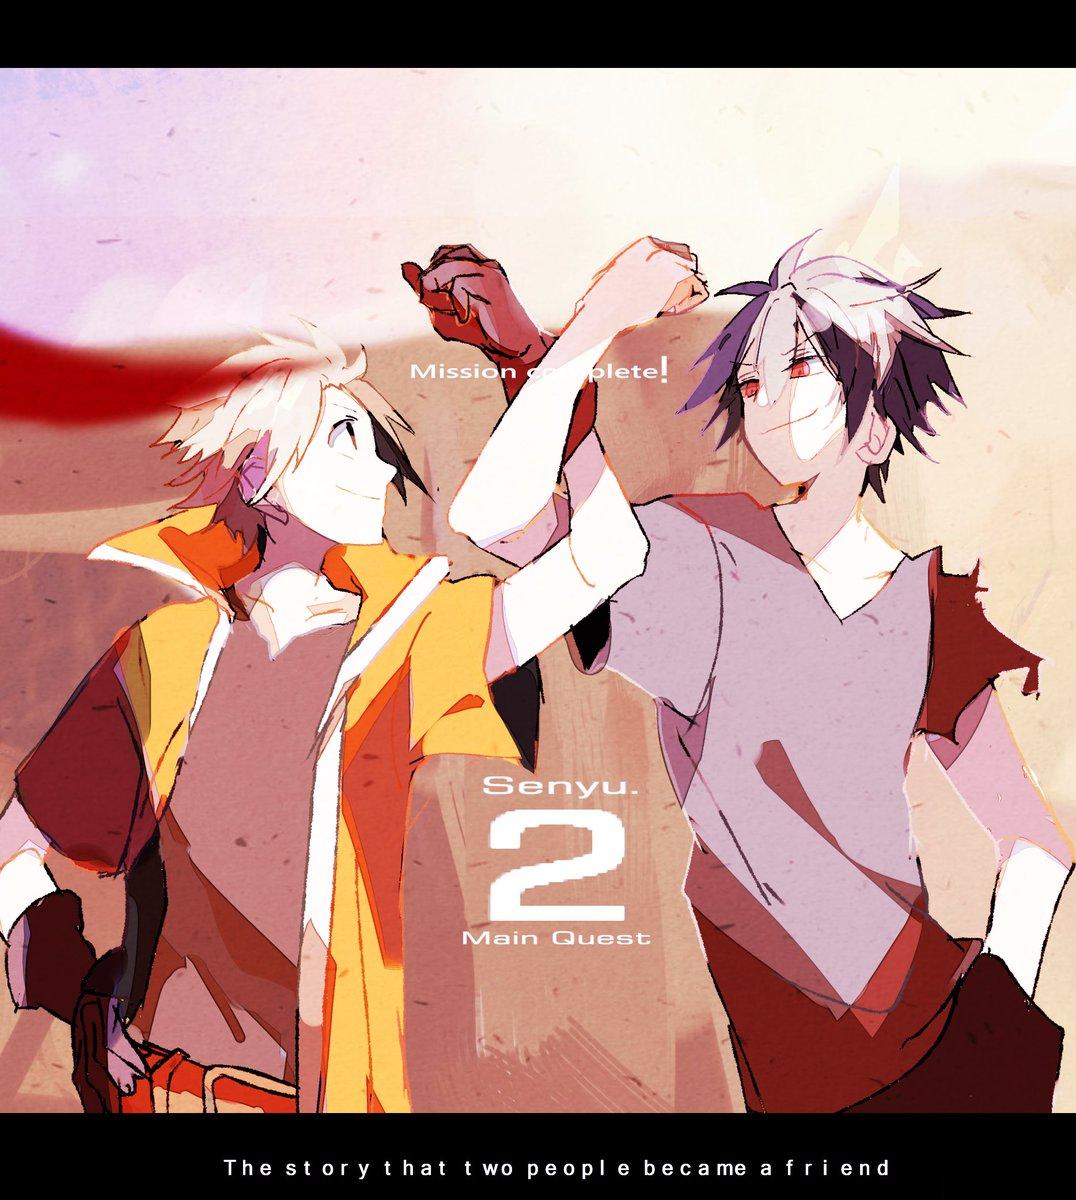 勇者に憧れた少年と、日常を求めた勇者の話。2人が友達になった話。 戦勇。メインクエスト第2章本当に本当にありがとうござい